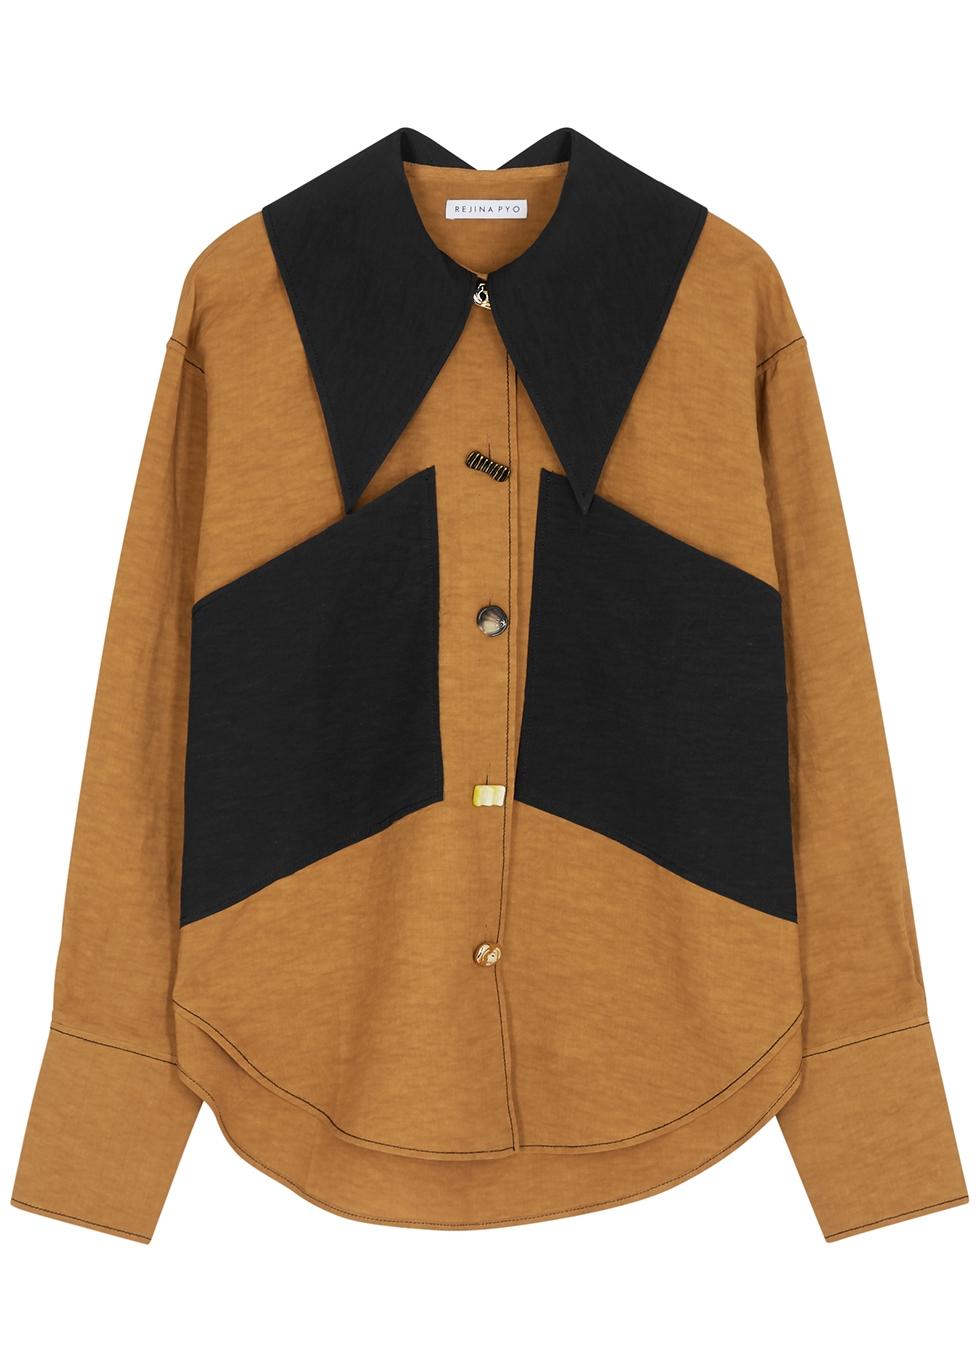 Cora brown taffeta shirt